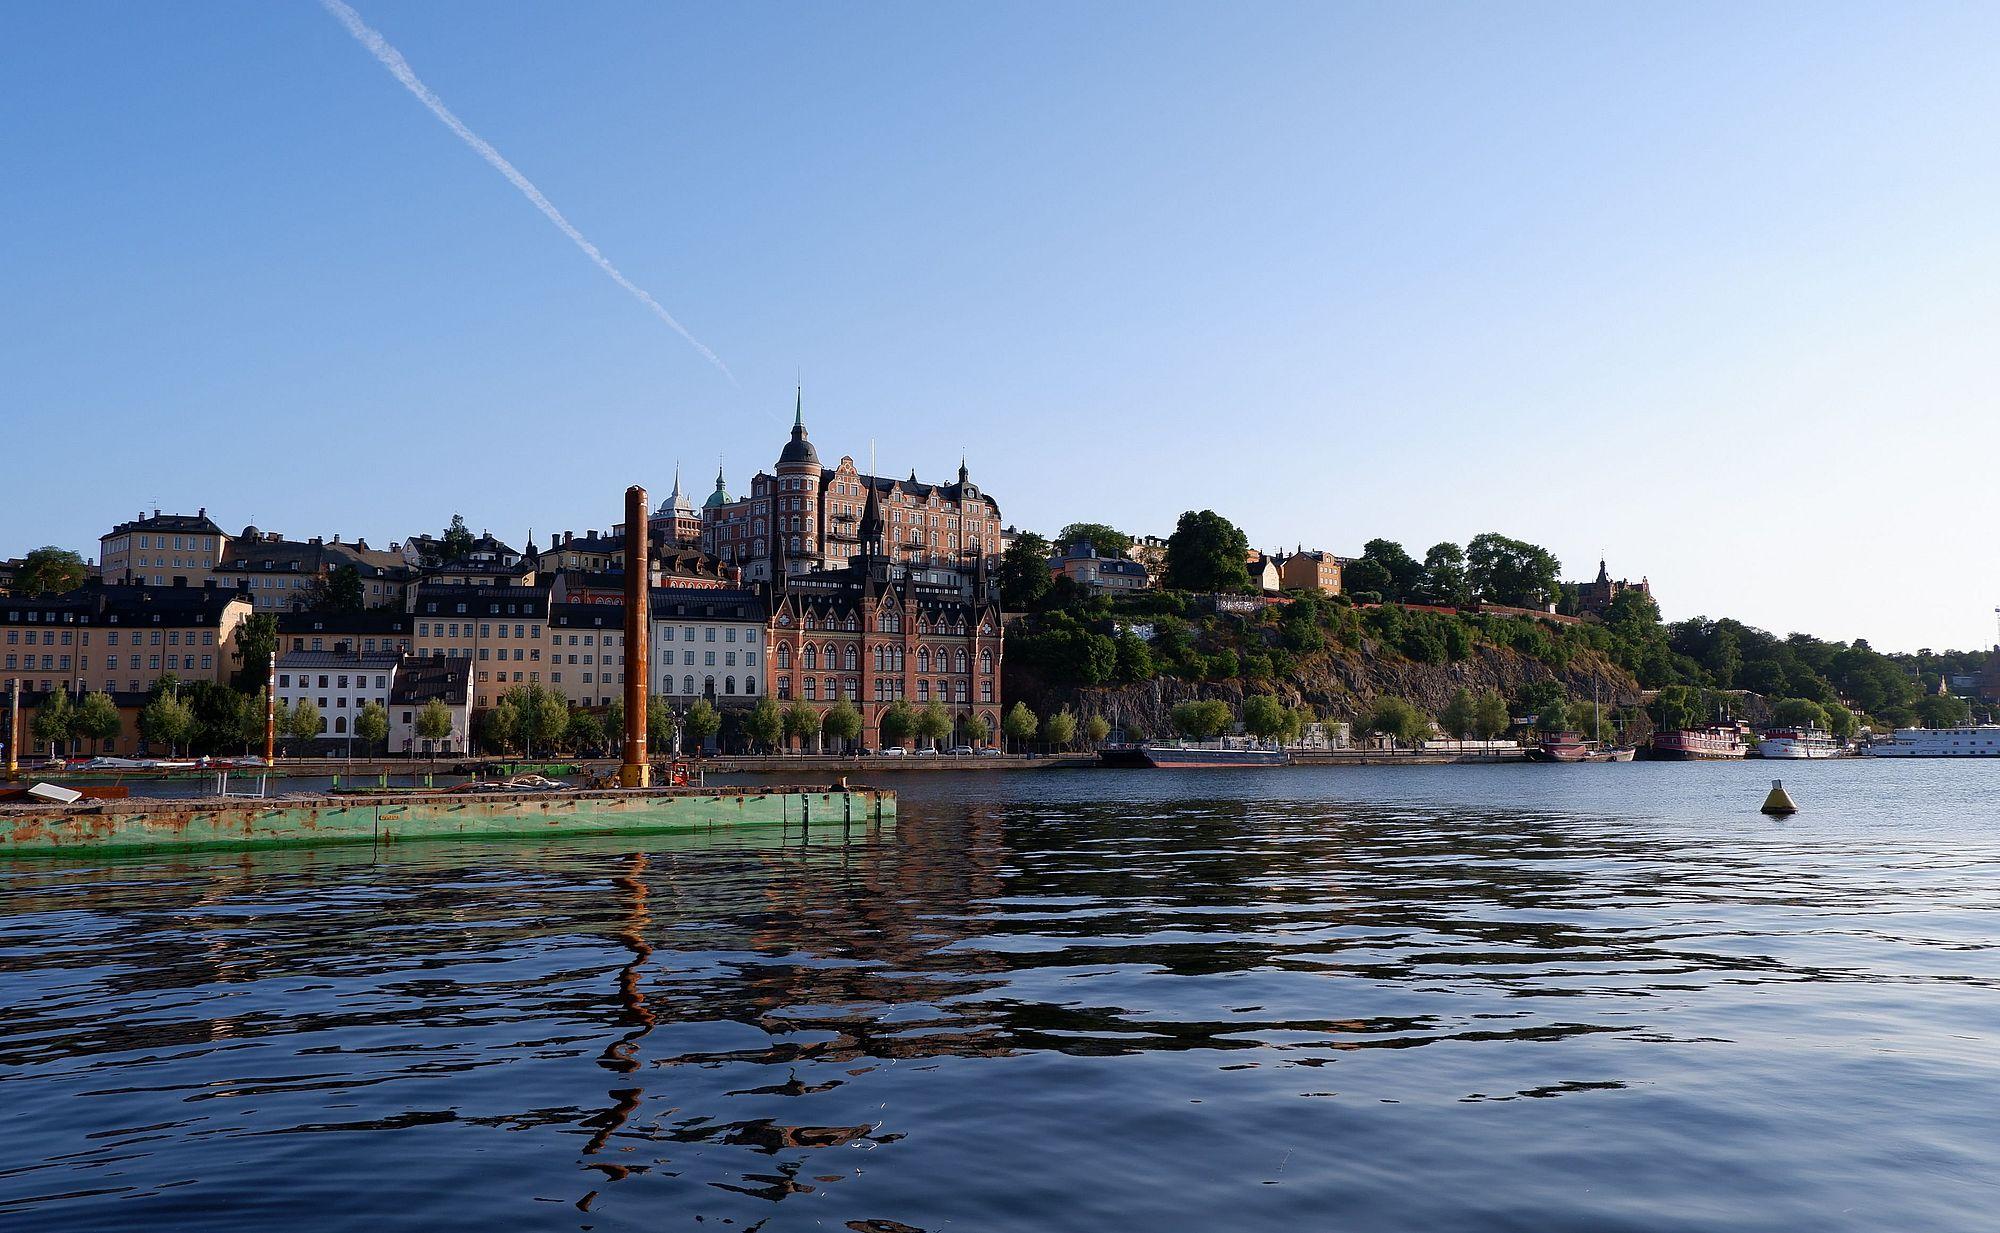 Un paysage représentant Stockholm avec une grande étendue d'eau au premier plan et des bâtiments pittoresques en arrière-plan, quasiment perchés sur la falaise.